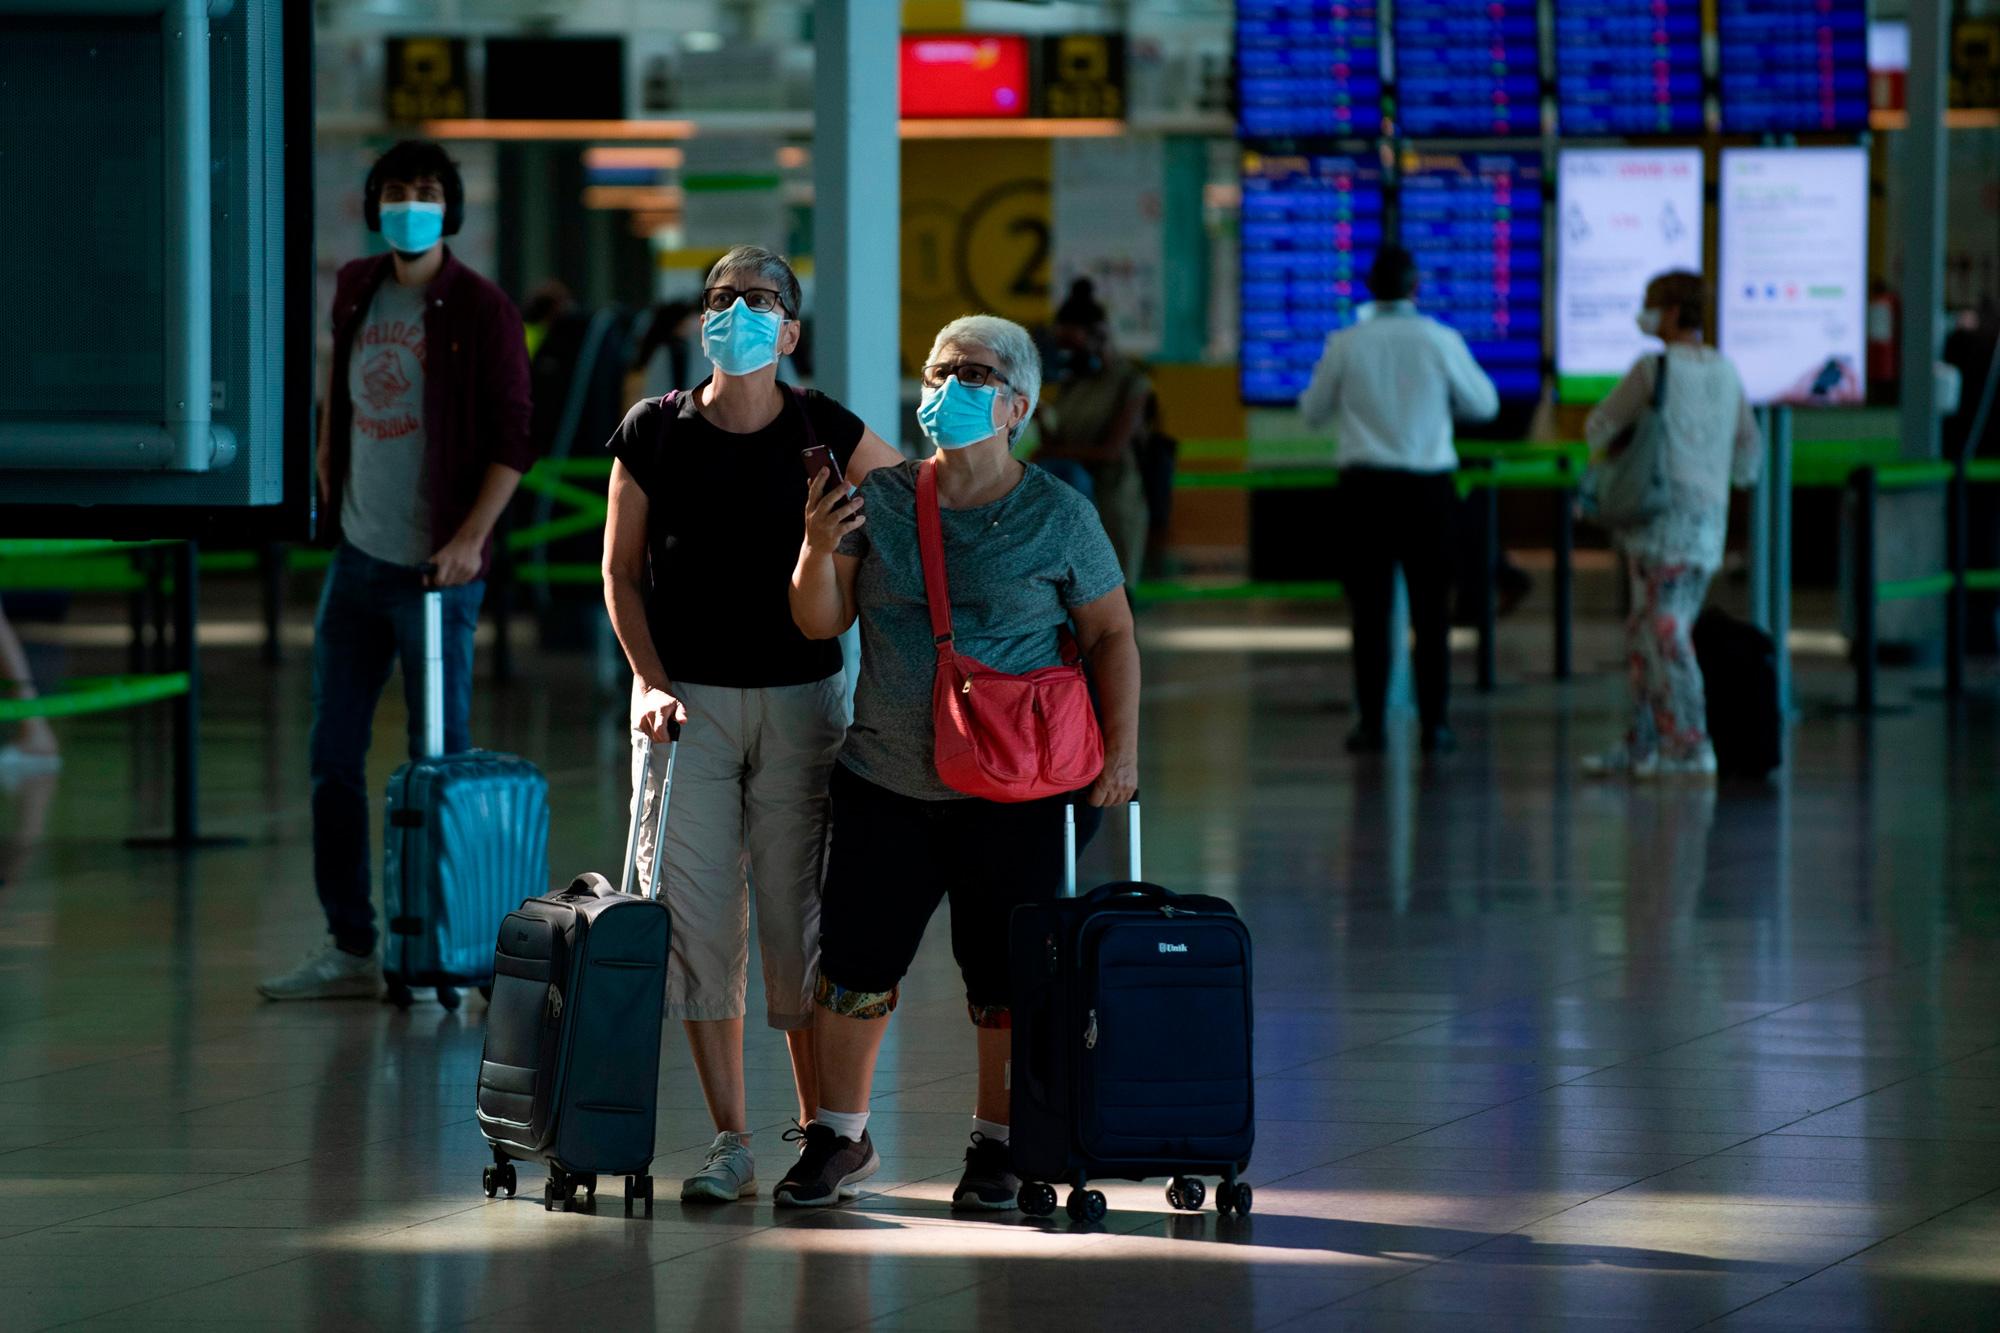 Passengers check their flight information on screens at the Josep Tarradellas Barcelona-El Prat airport in El Prat de Llobregat on July 6.